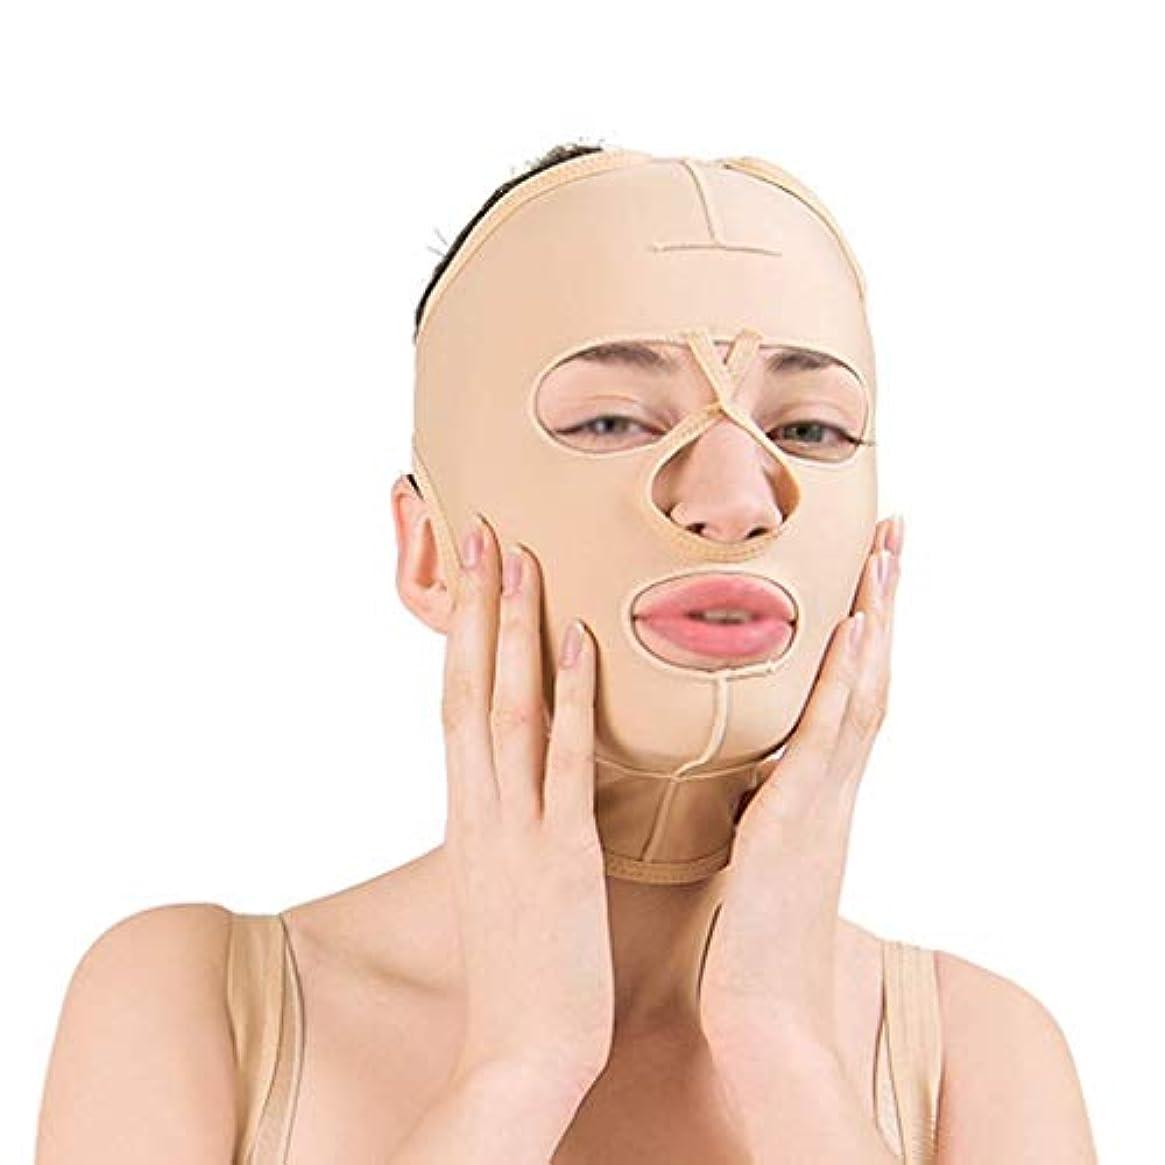 意図的サラダ寛大さフェイススリミングマスク、フェイスバンデージ付きフェイシャル減量マスク、通気性フェイスリフト、引き締め、フェイスリフティング(サイズ:L),ザ?